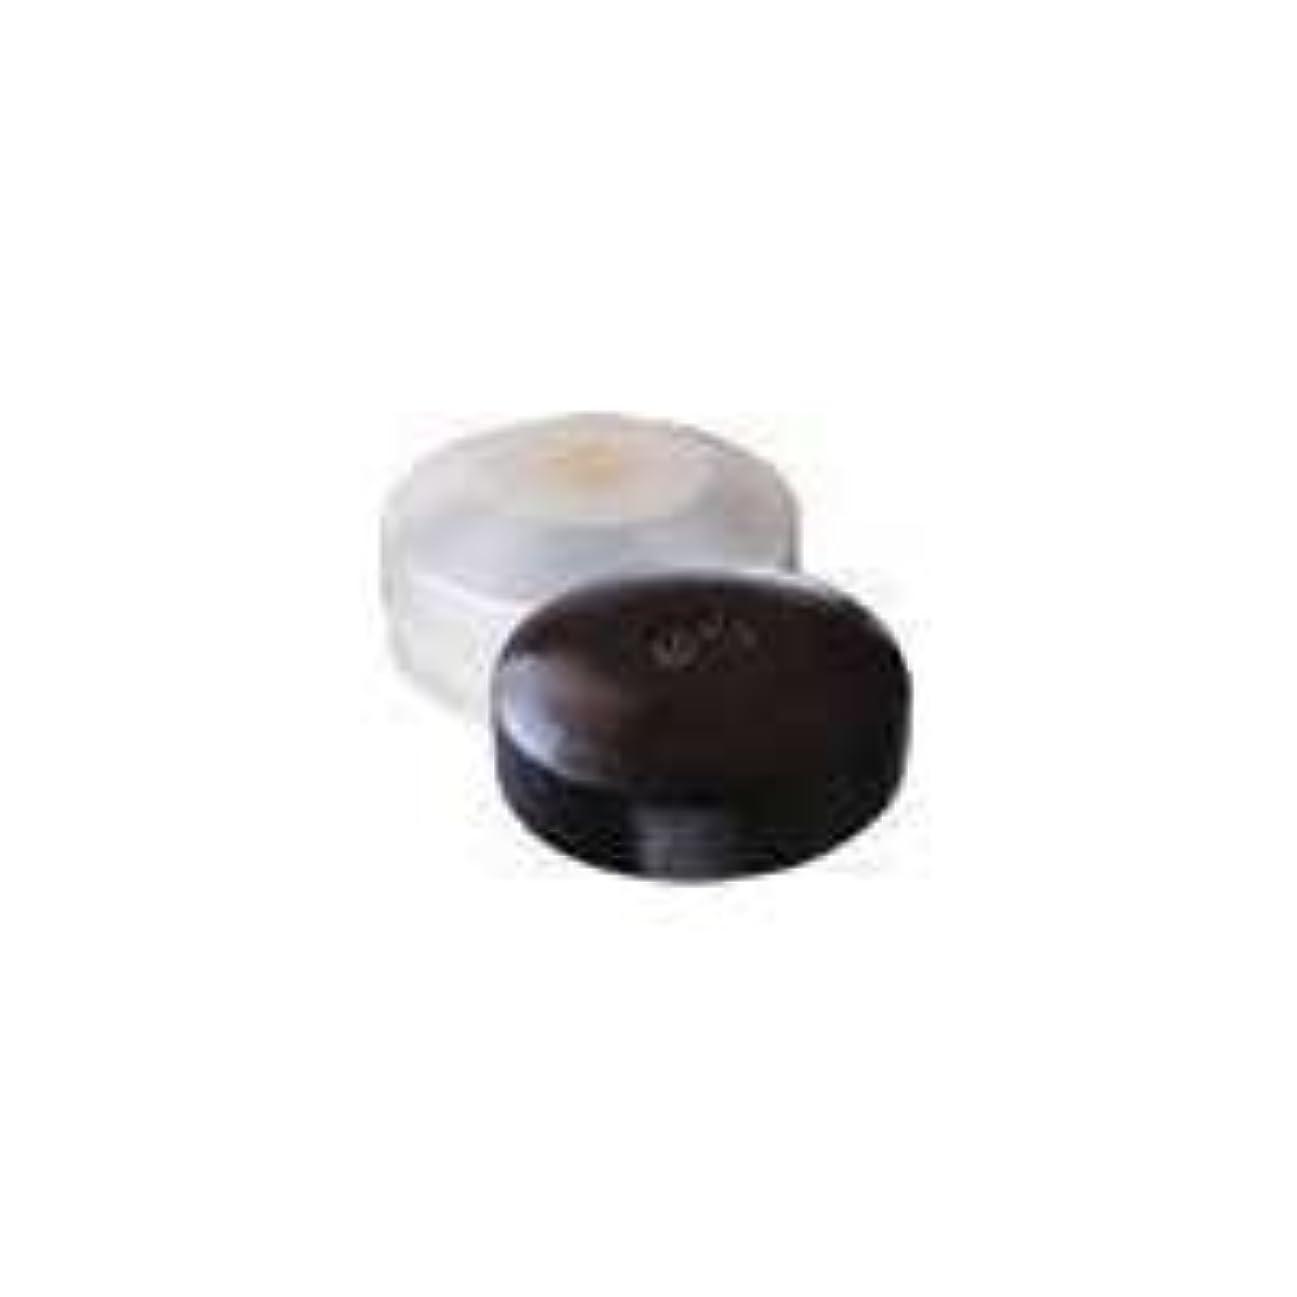 ブラストテレビビーチマミヤンアロエ基礎化粧品シリーズ アロエクセルソープ 120g(ケース有) まろやかな泡立ち透明石鹸